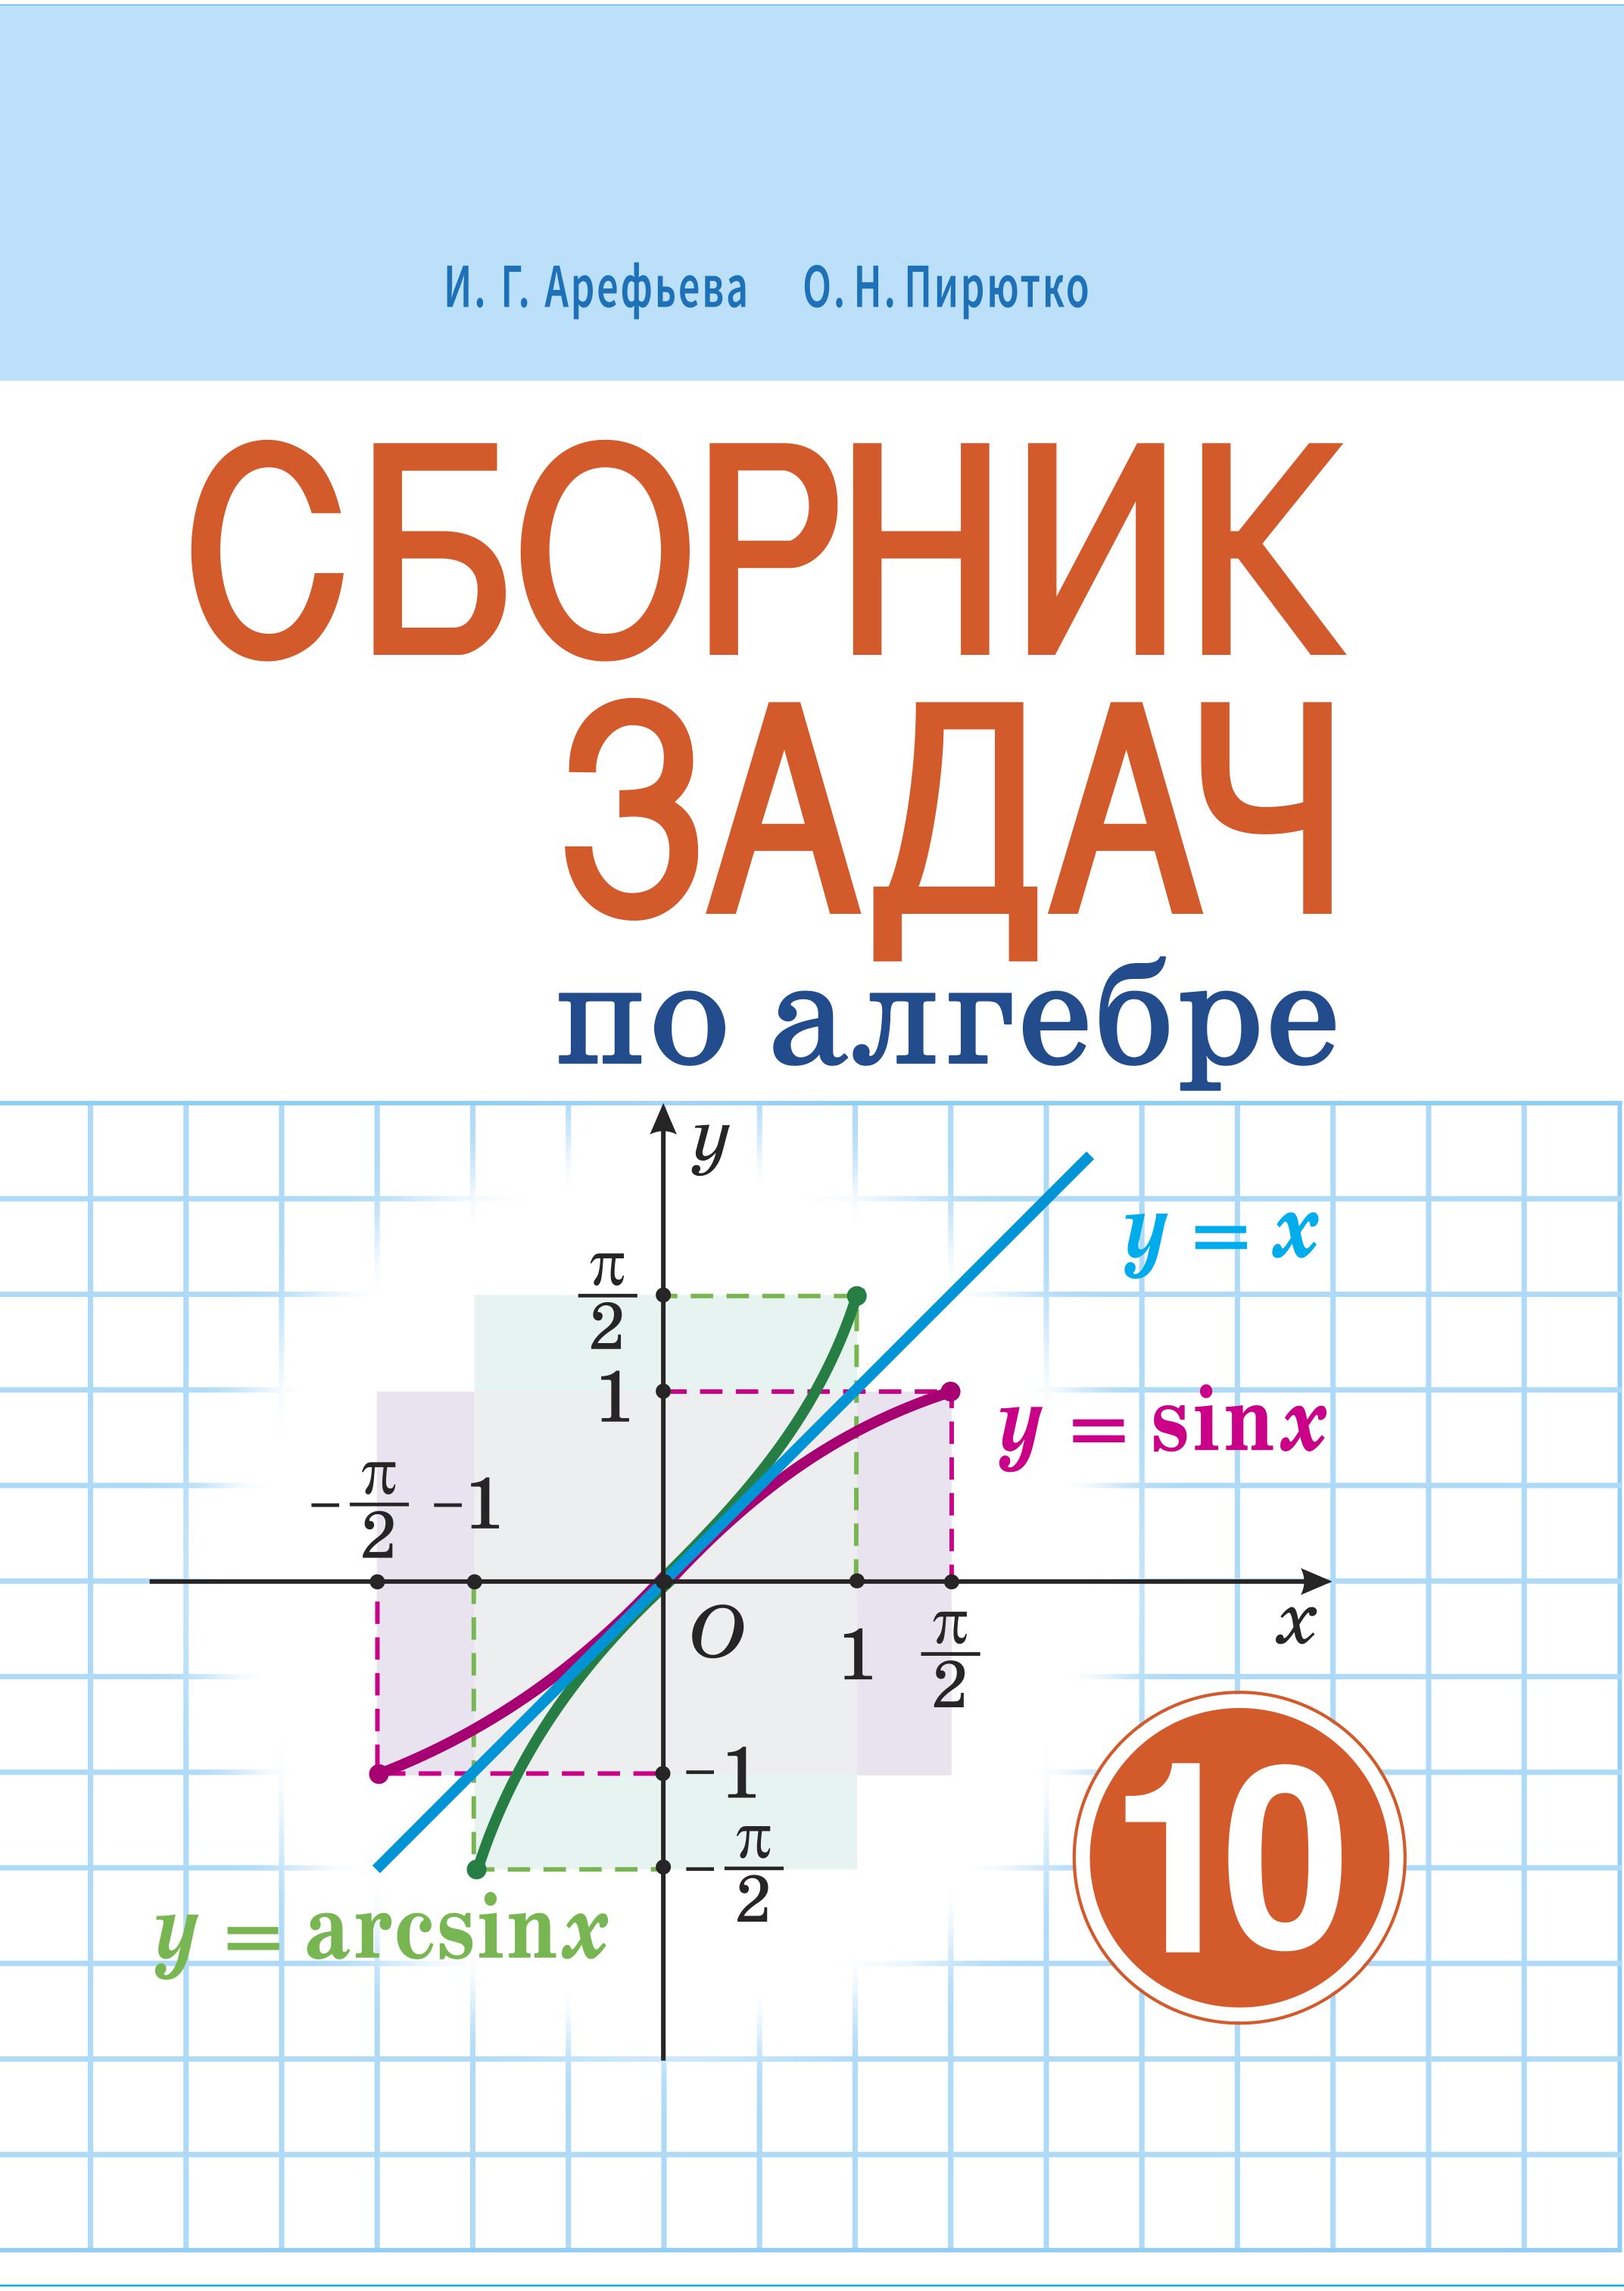 Сборник задач по алгебре